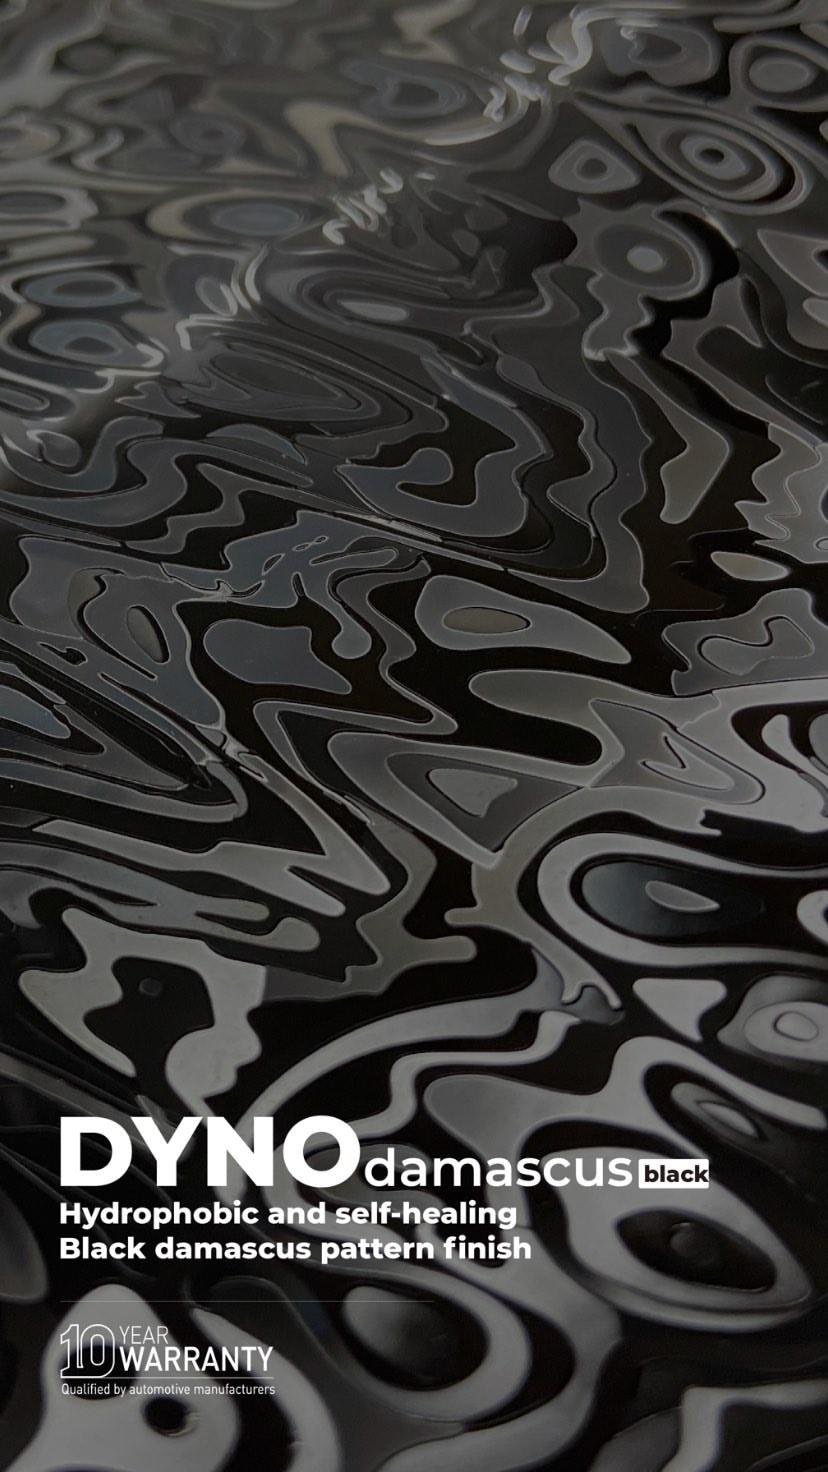 DYNOdamascus black